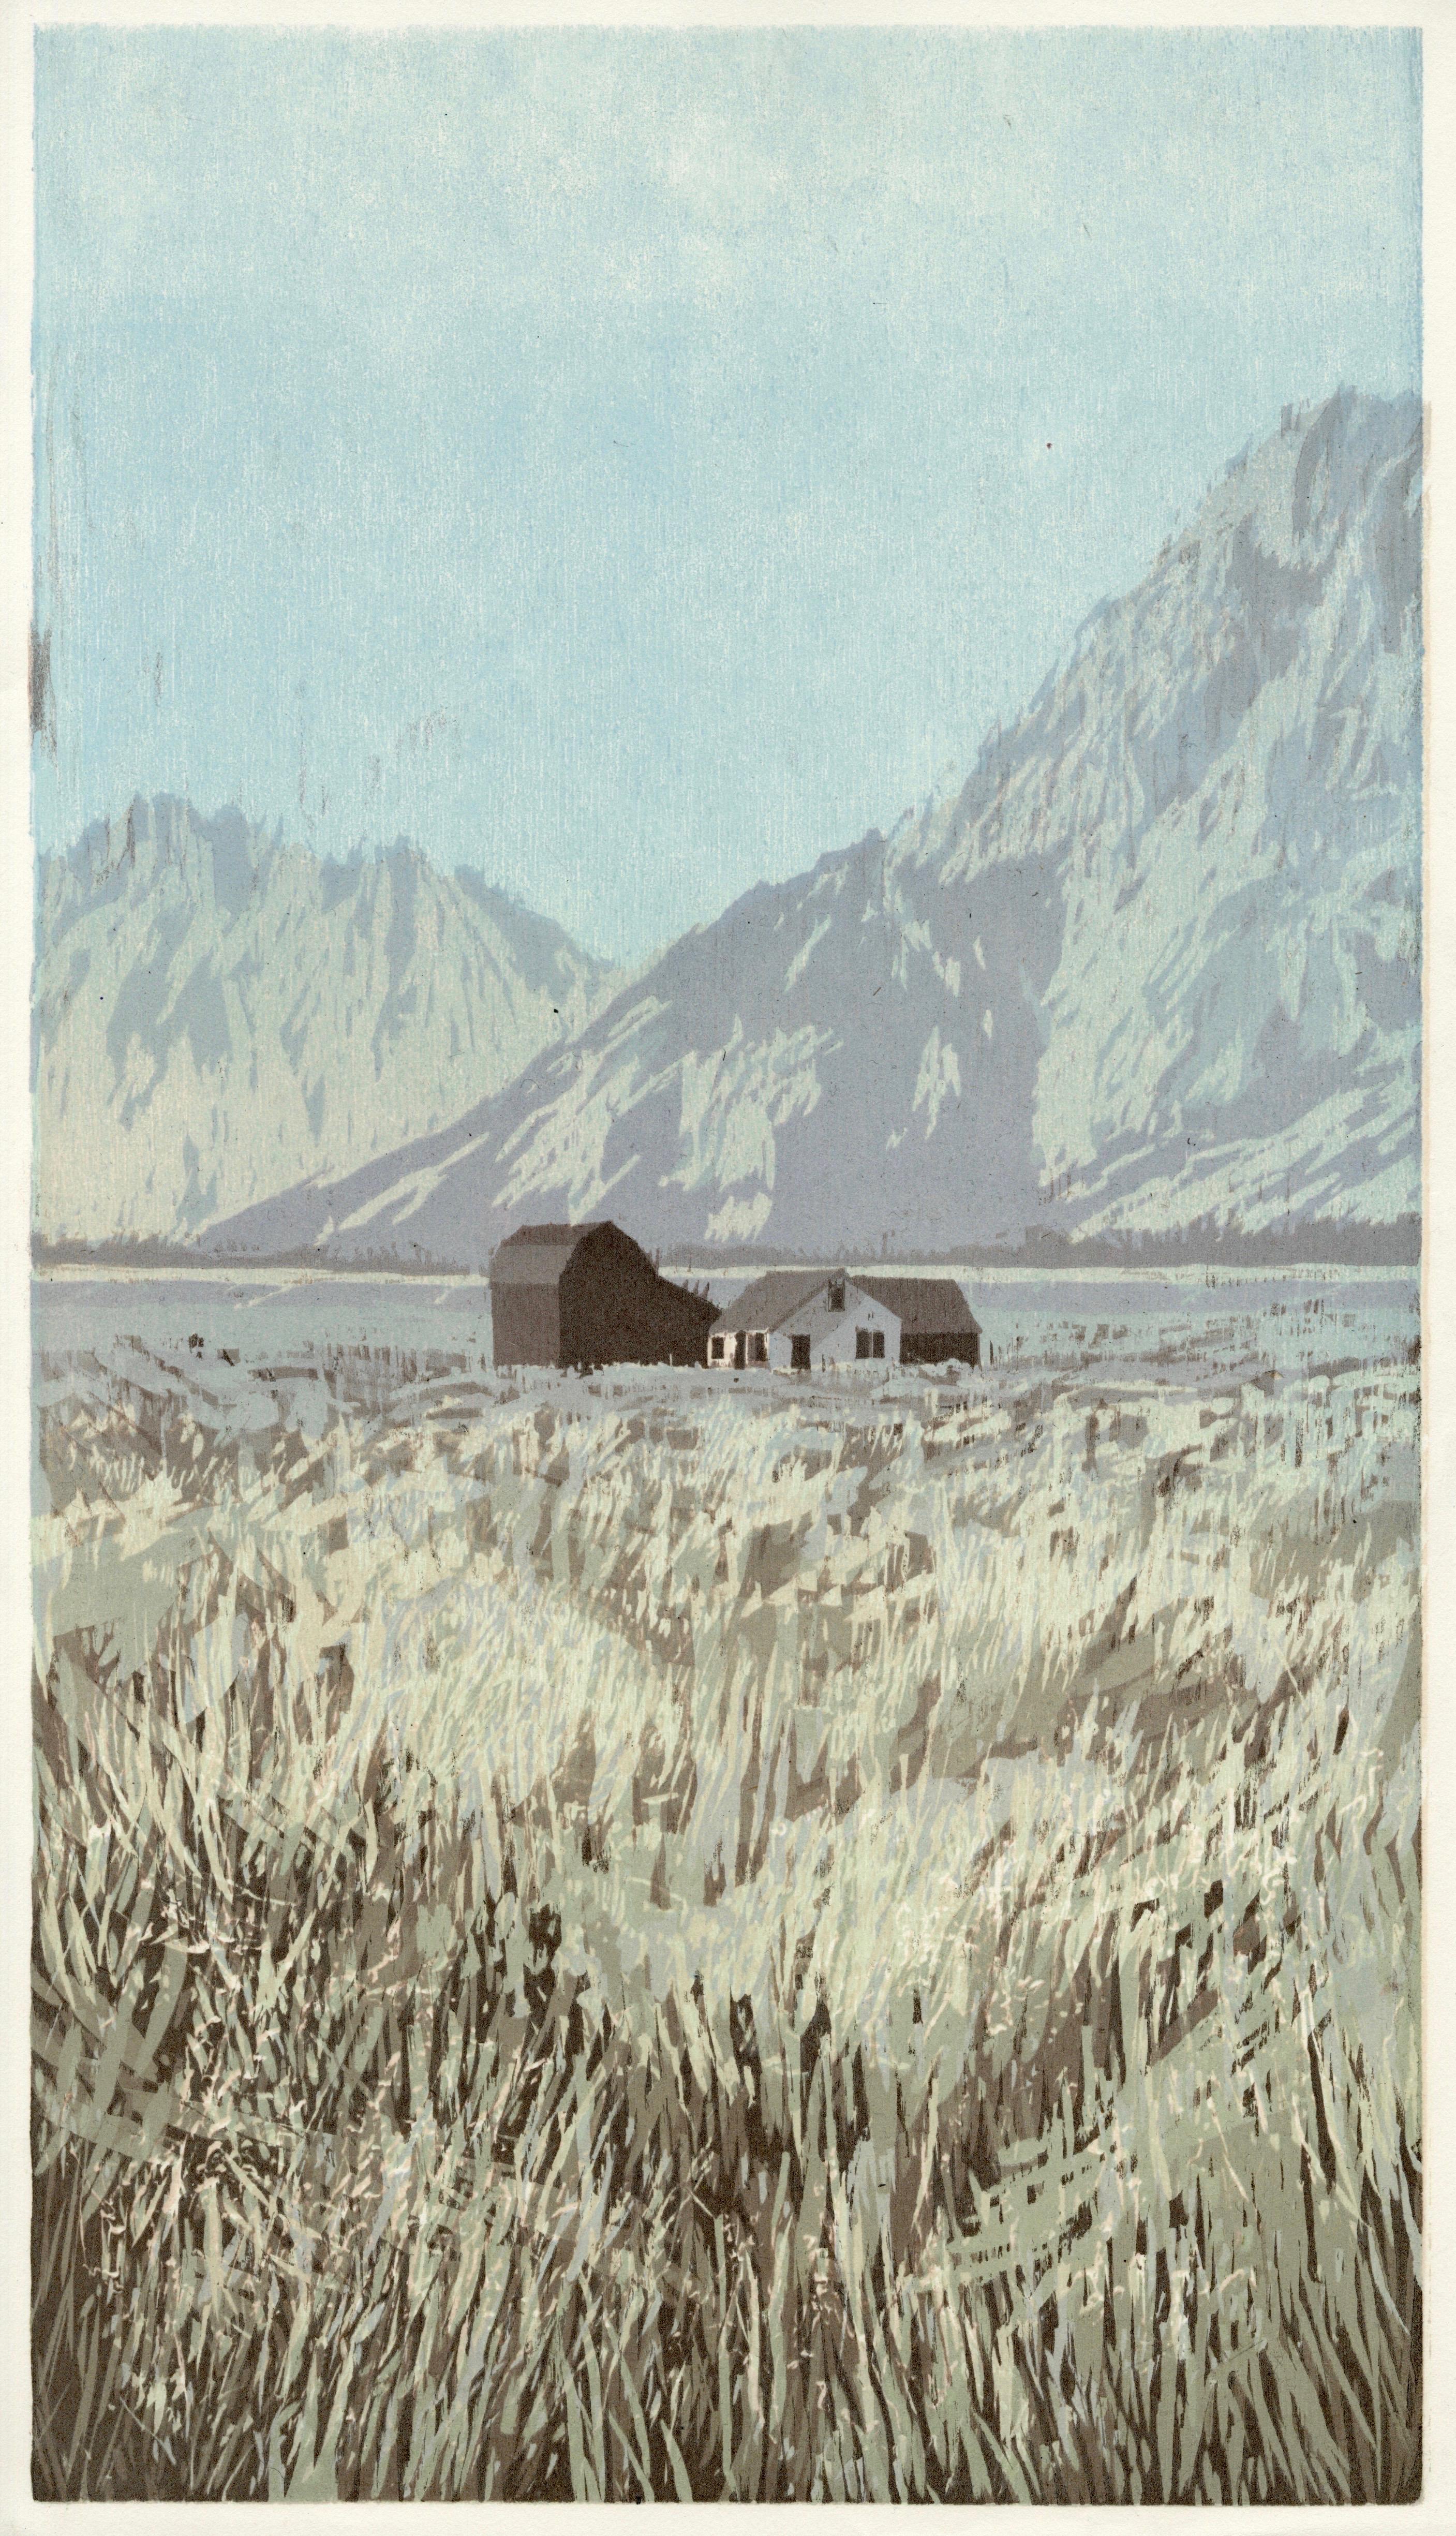 Wyoming by Celia Feldberg